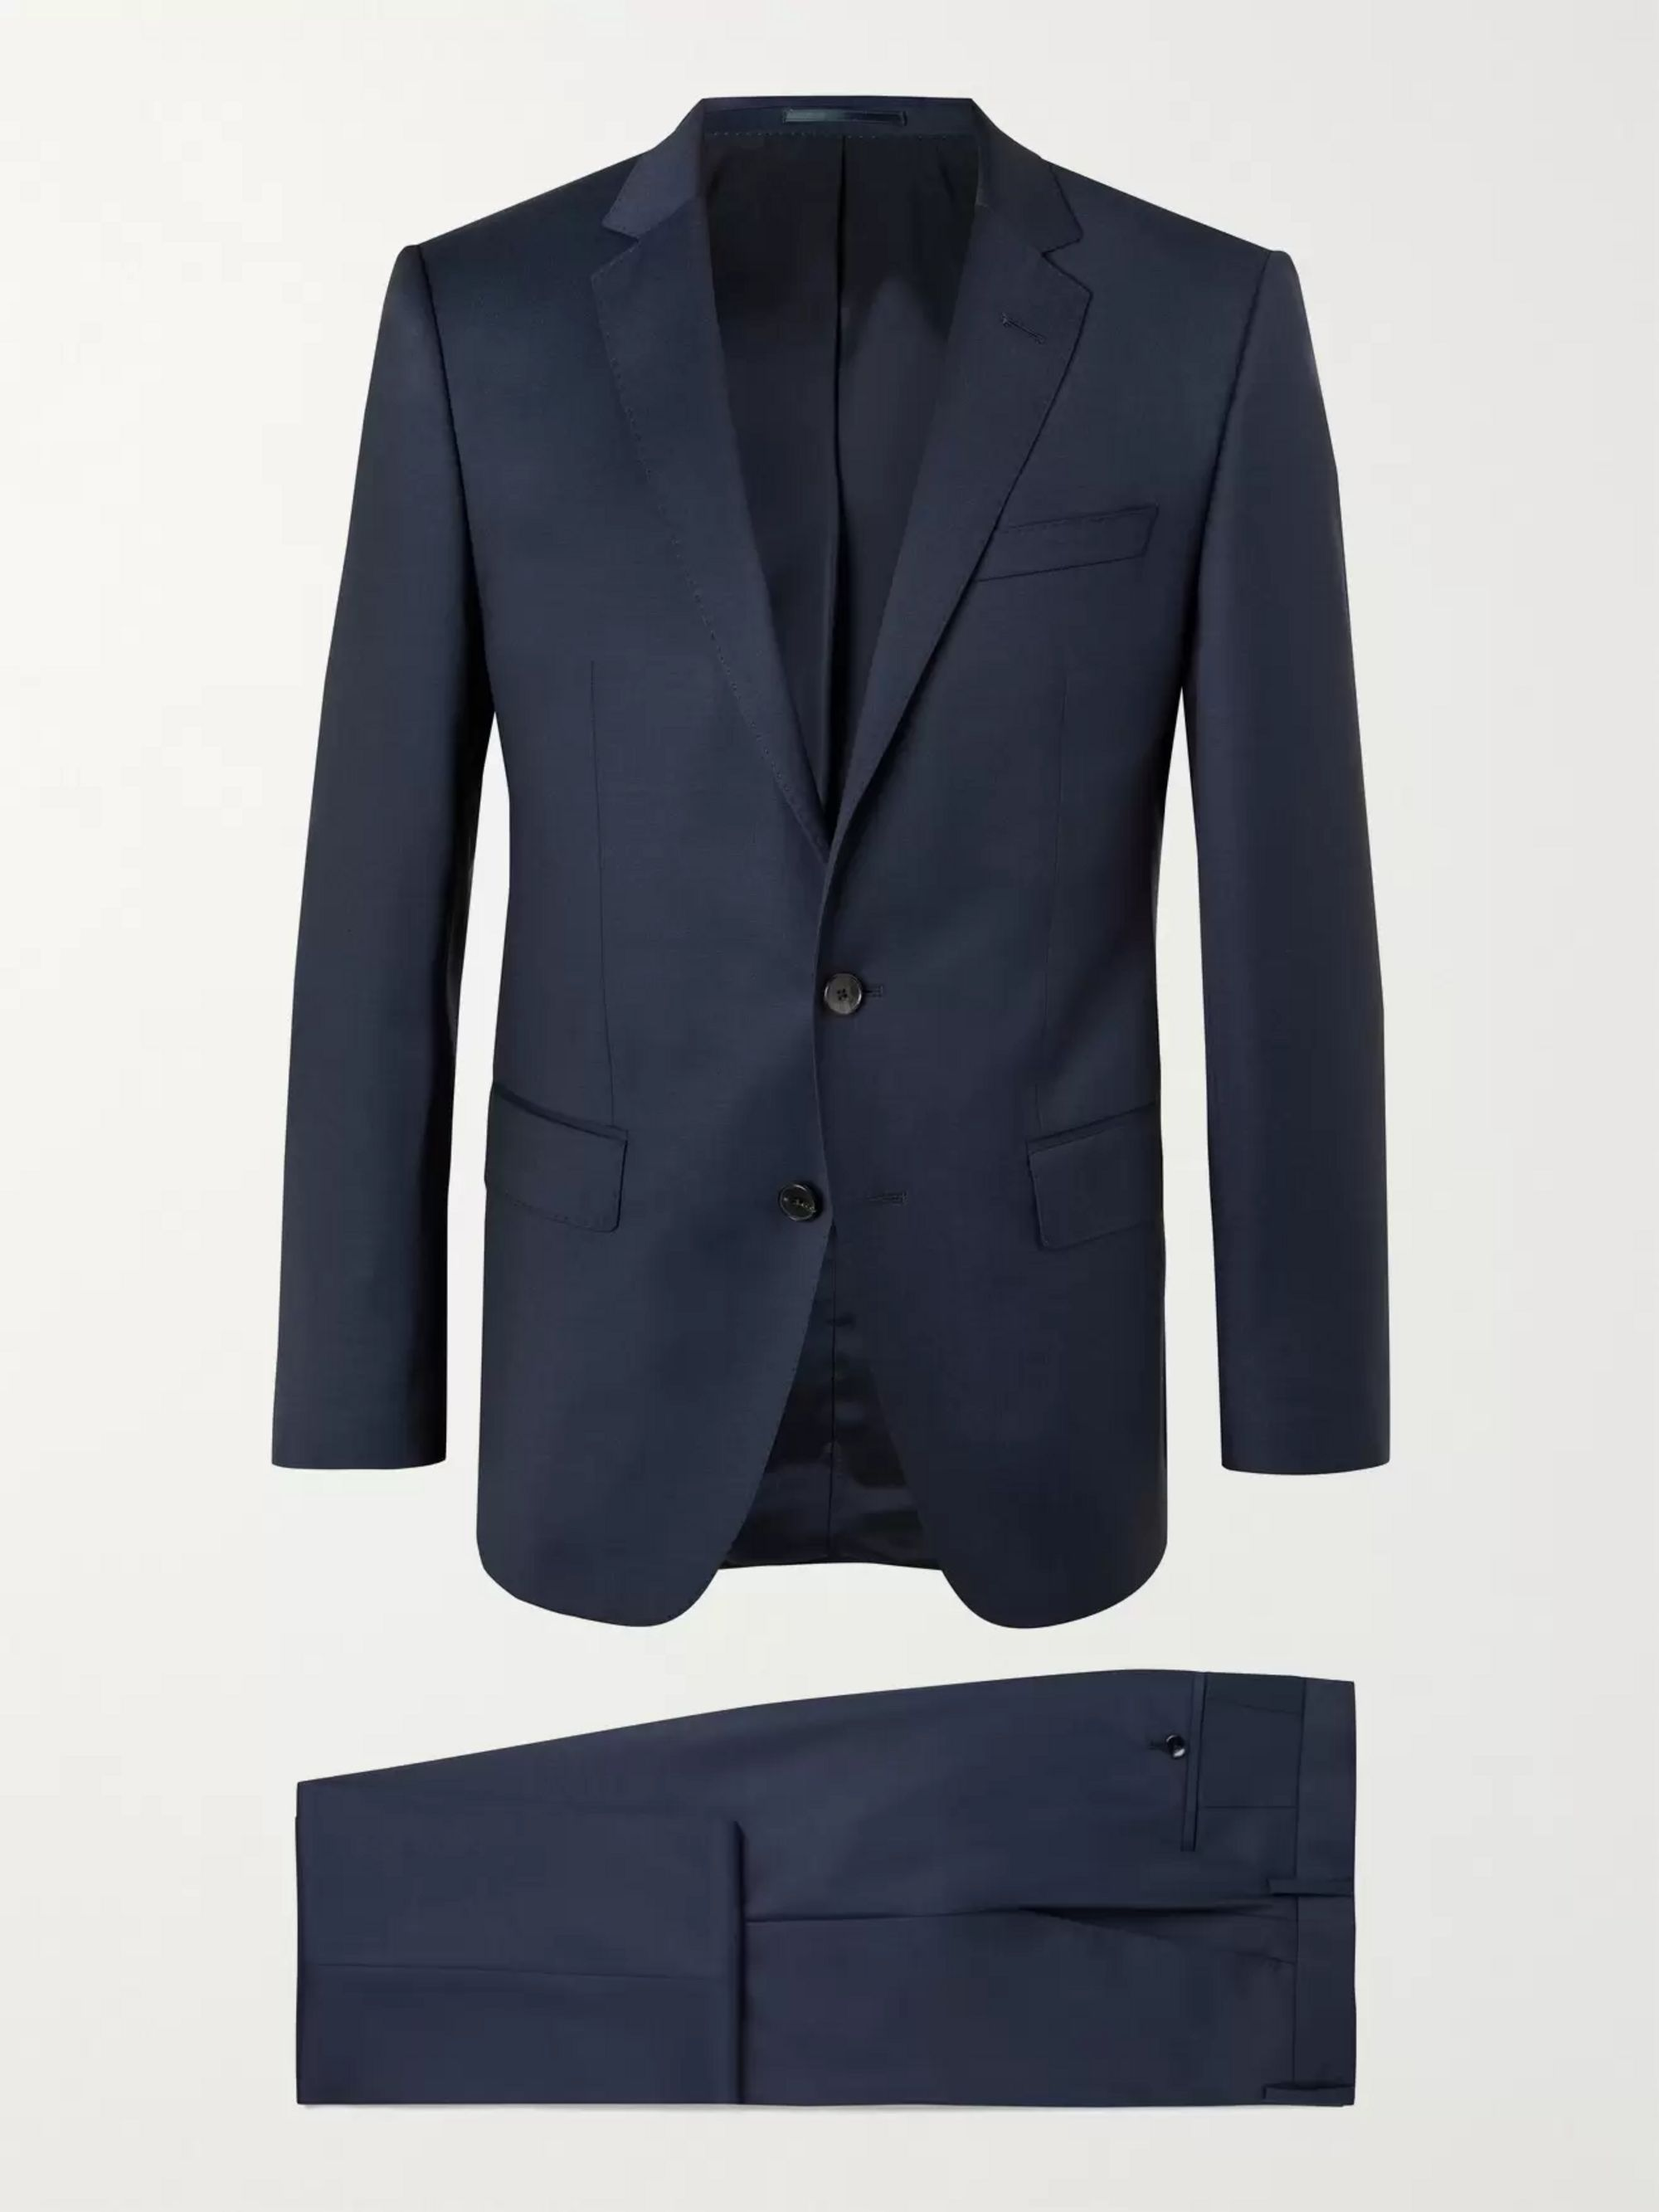 HUGO BOSS Huge/ Genius Slim-Fit Virgin Wool Suit